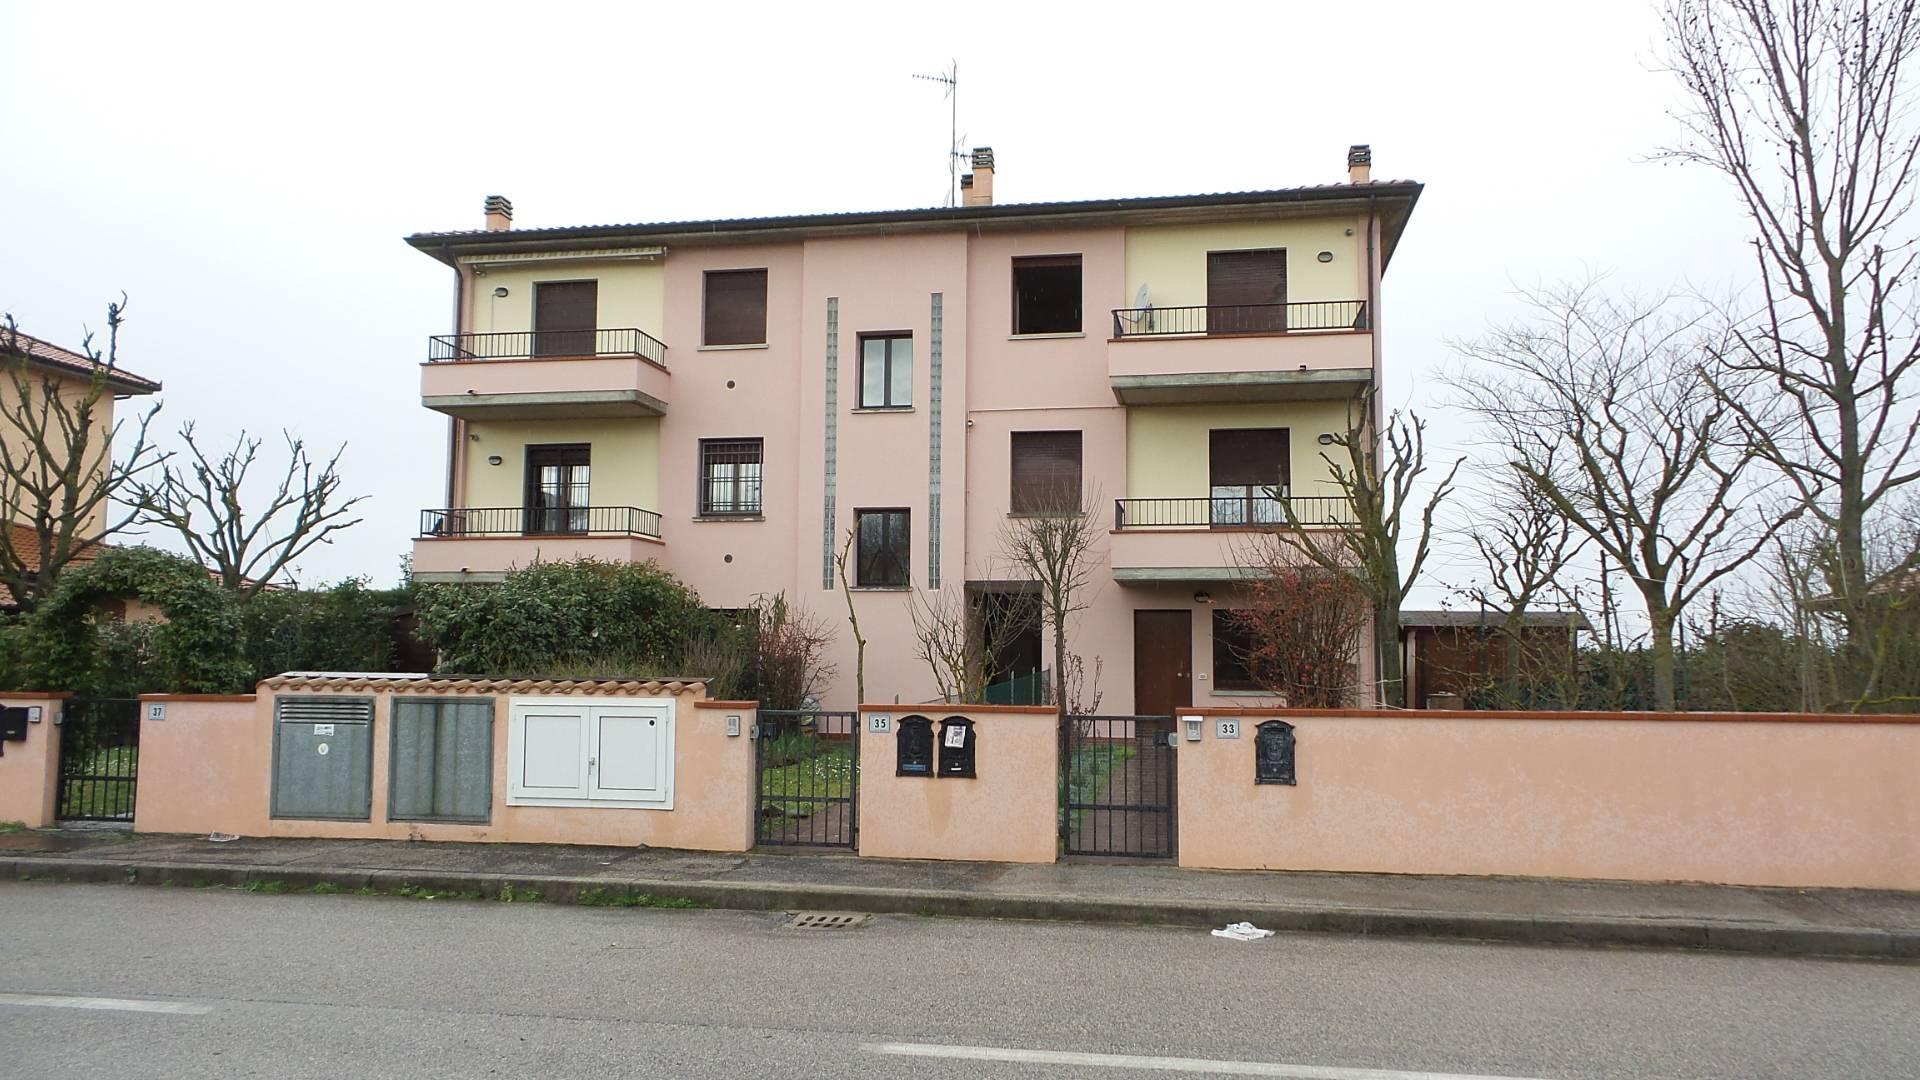 Appartamento in vendita a Castello d'Argile, 4 locali, zona Località: Mascarino, prezzo € 108.000 | Cambio Casa.it